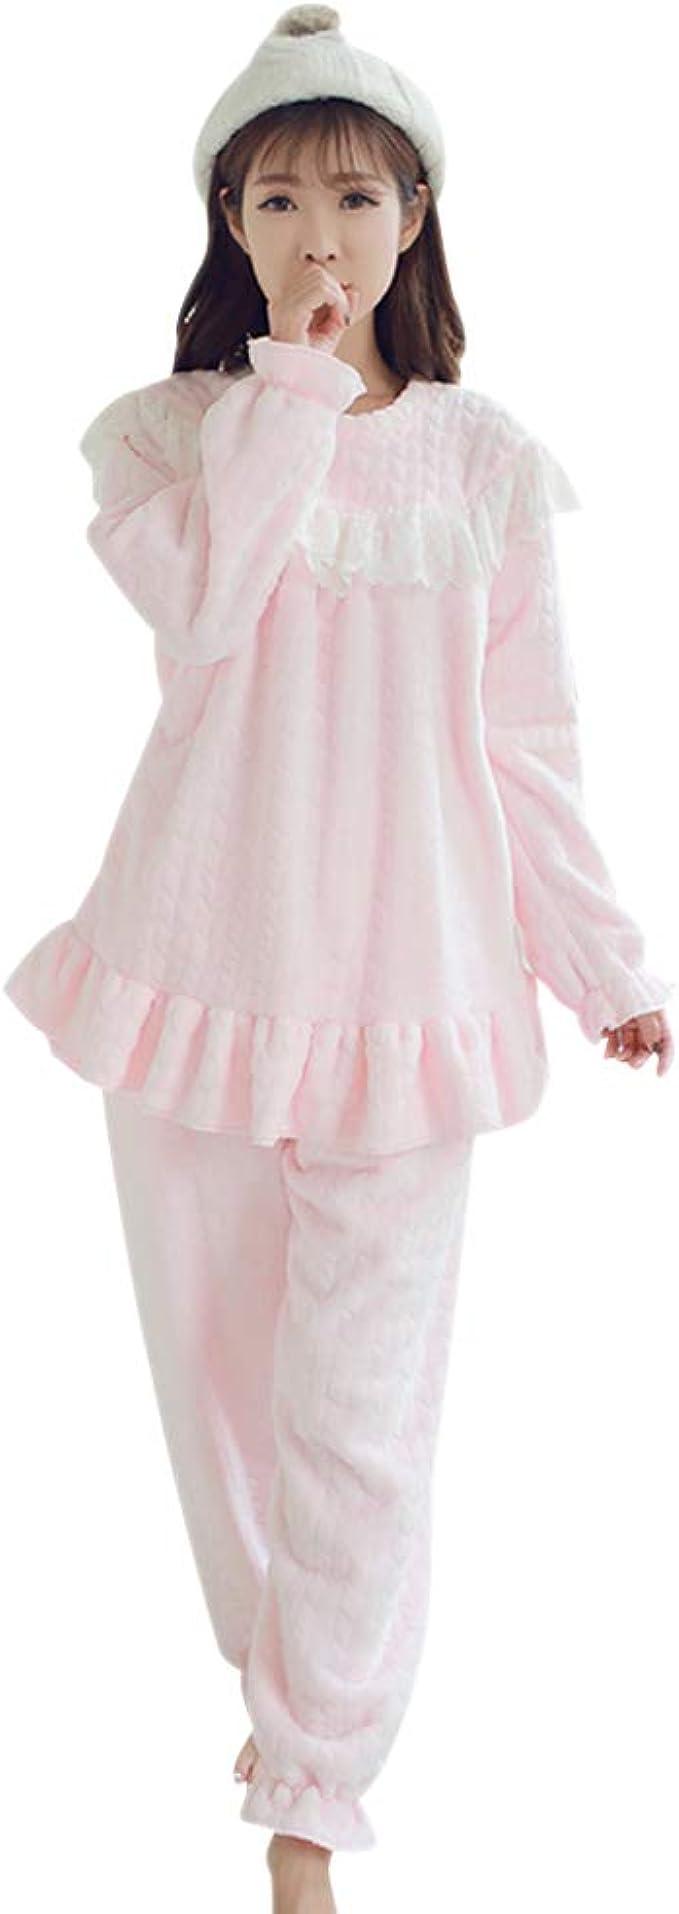 DAZISEN Mujeres Pijama de Lactancia Invierno Ropa - Suave Un ...